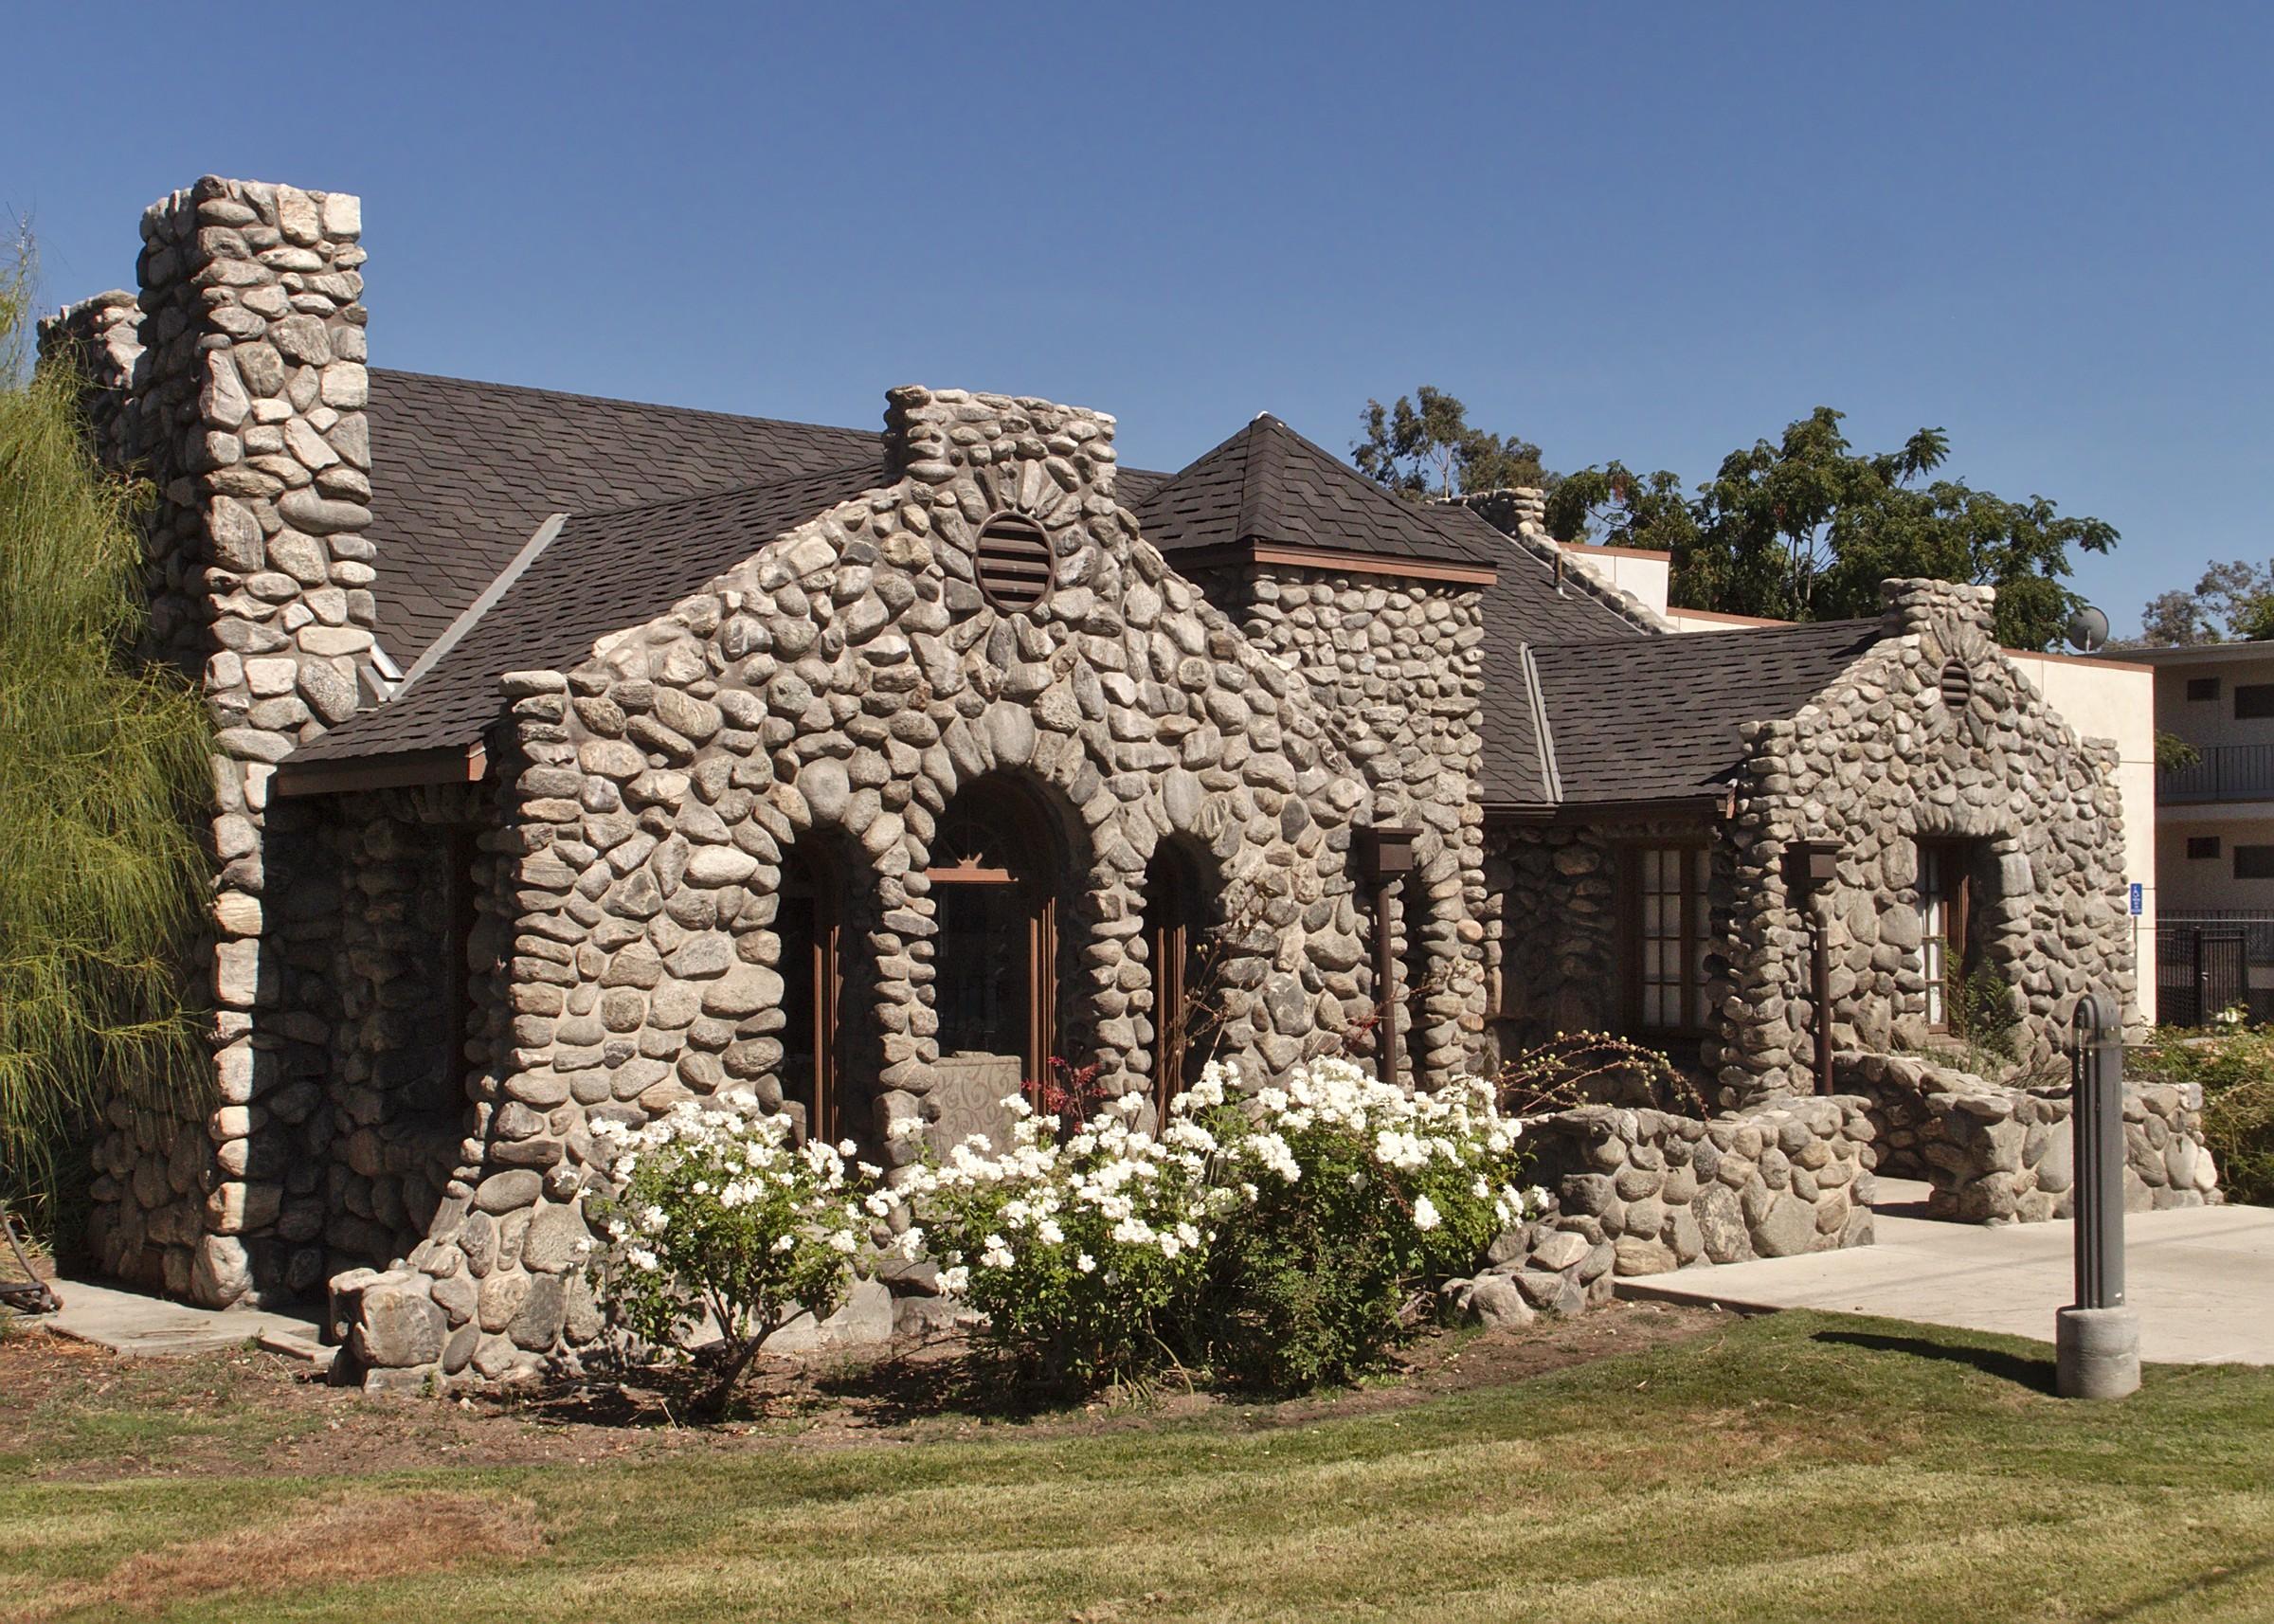 Houses For Rent File La Hcm 644 Stone House 8642 Sunland Blvd 2014 Jpg